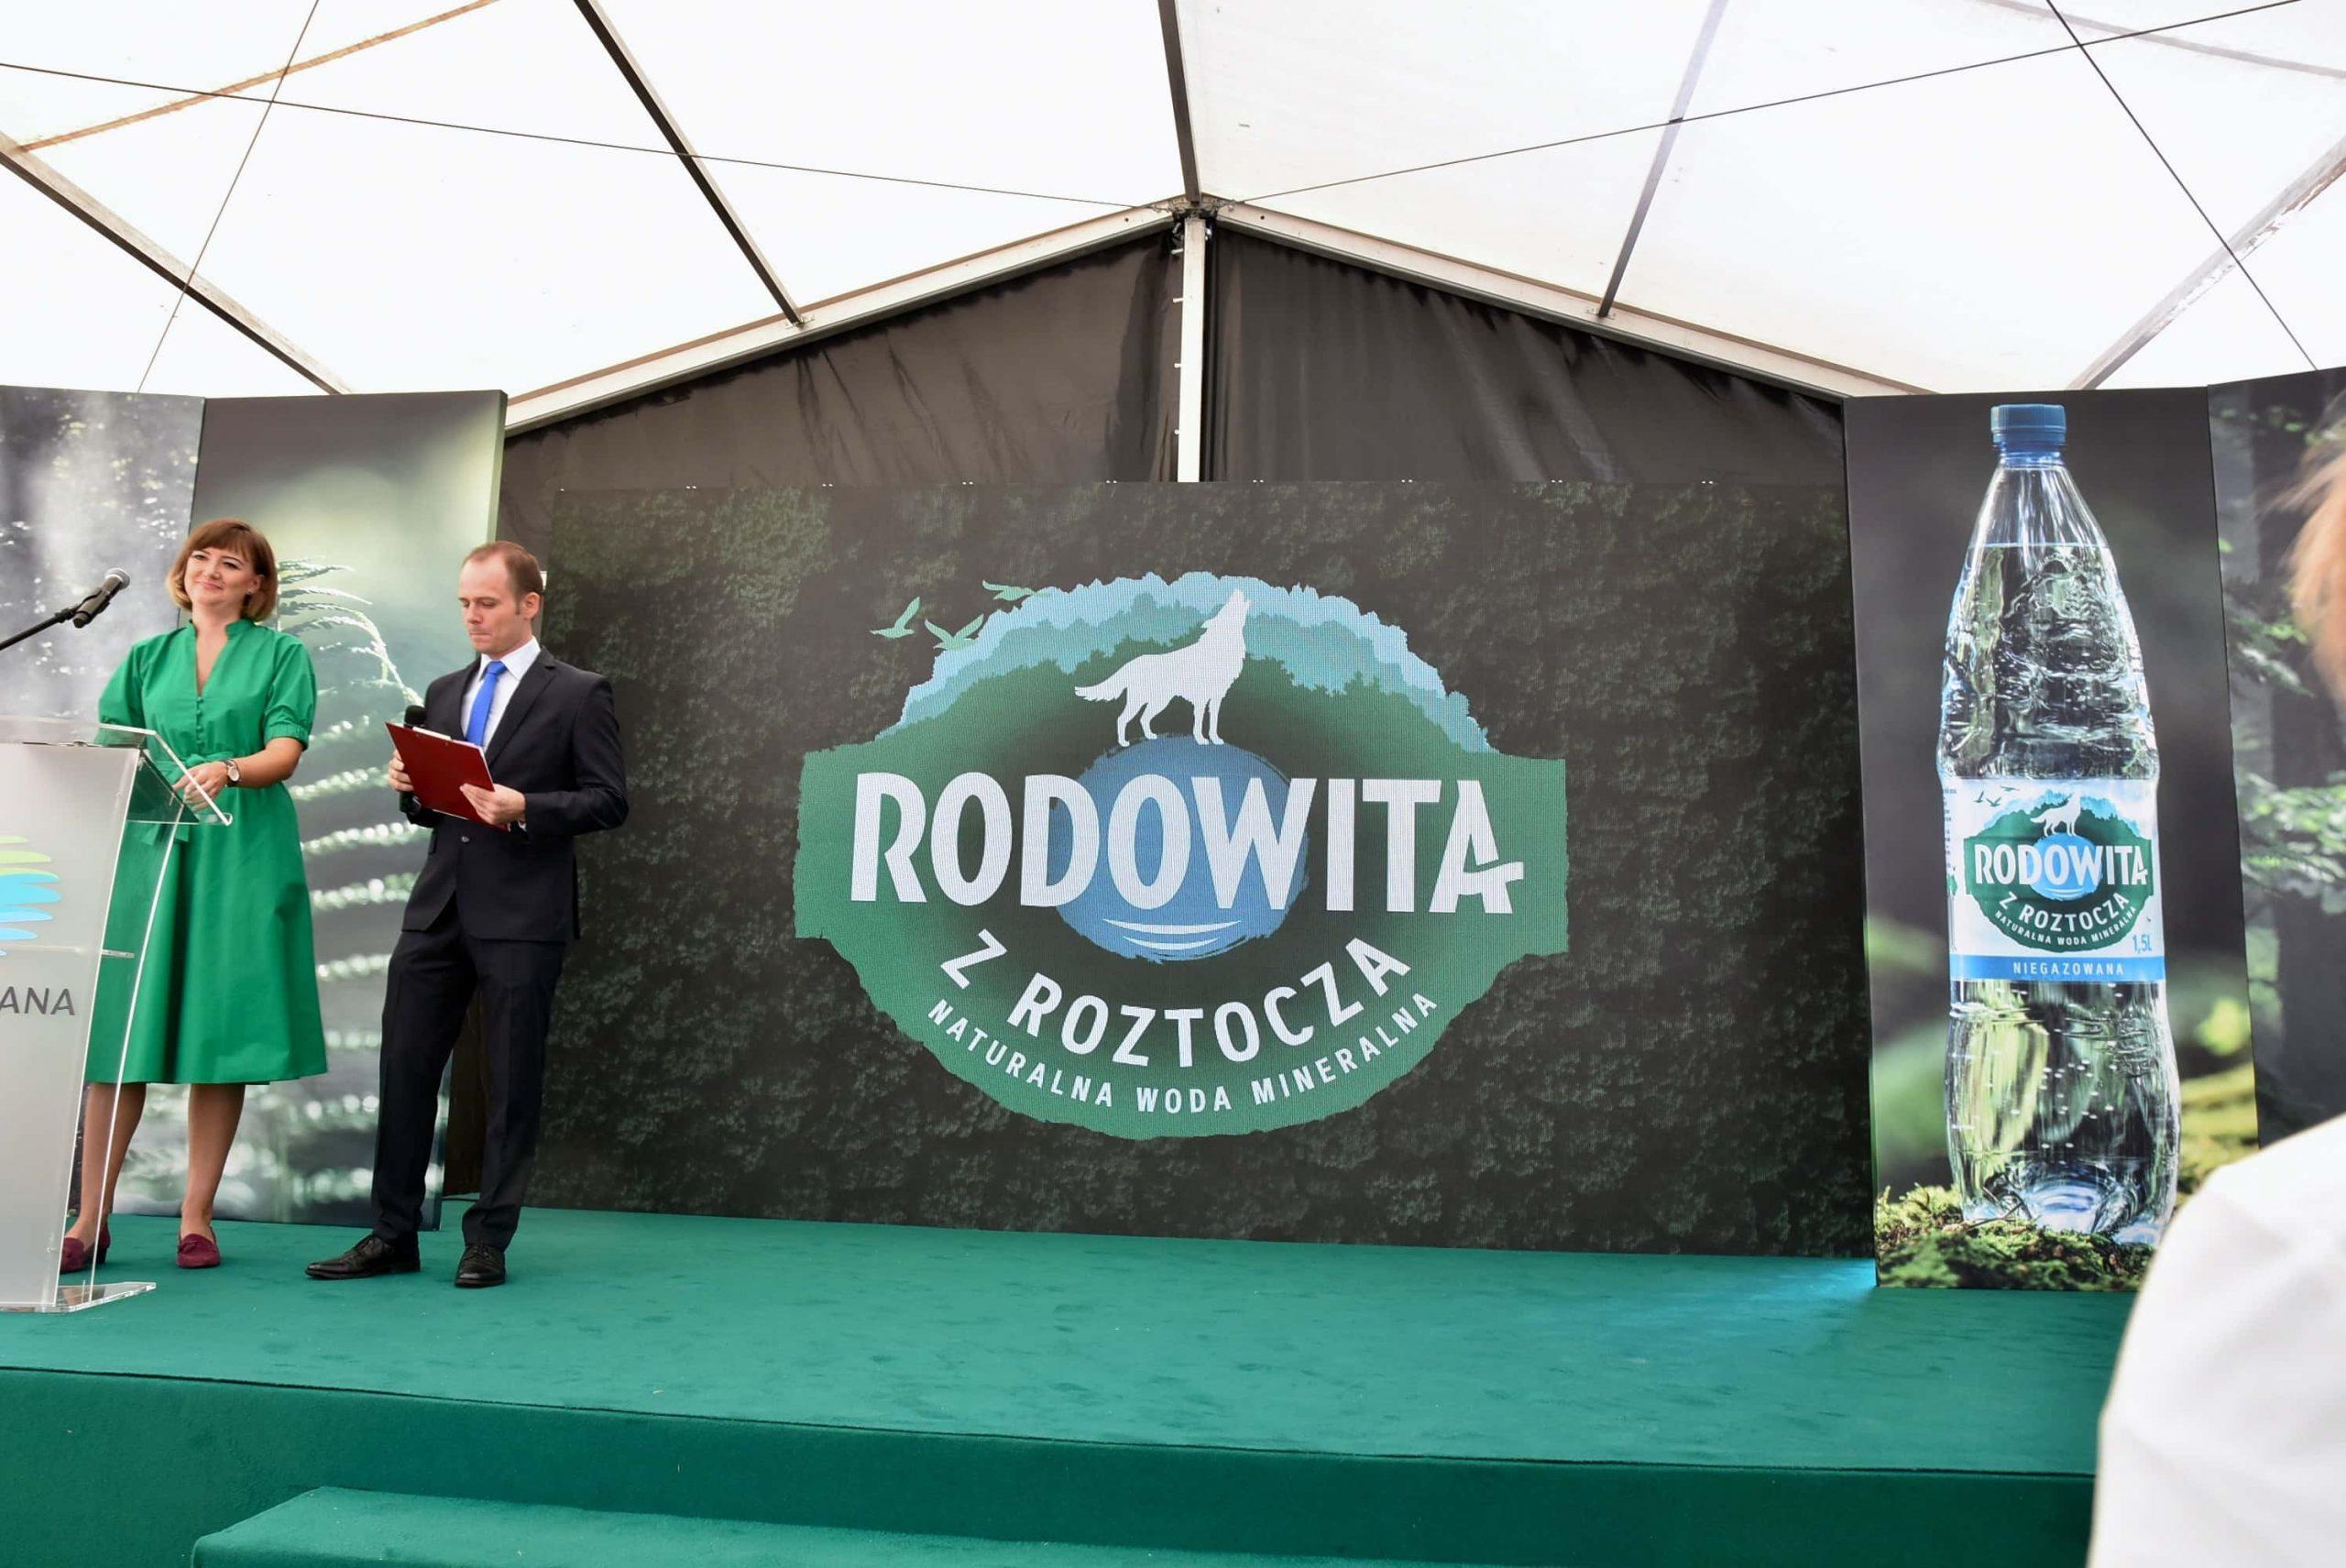 dsc 6952 scaled Rodowita z Roztocza. Inwestycja za 75 mln zł. (Dużo zdjęć)